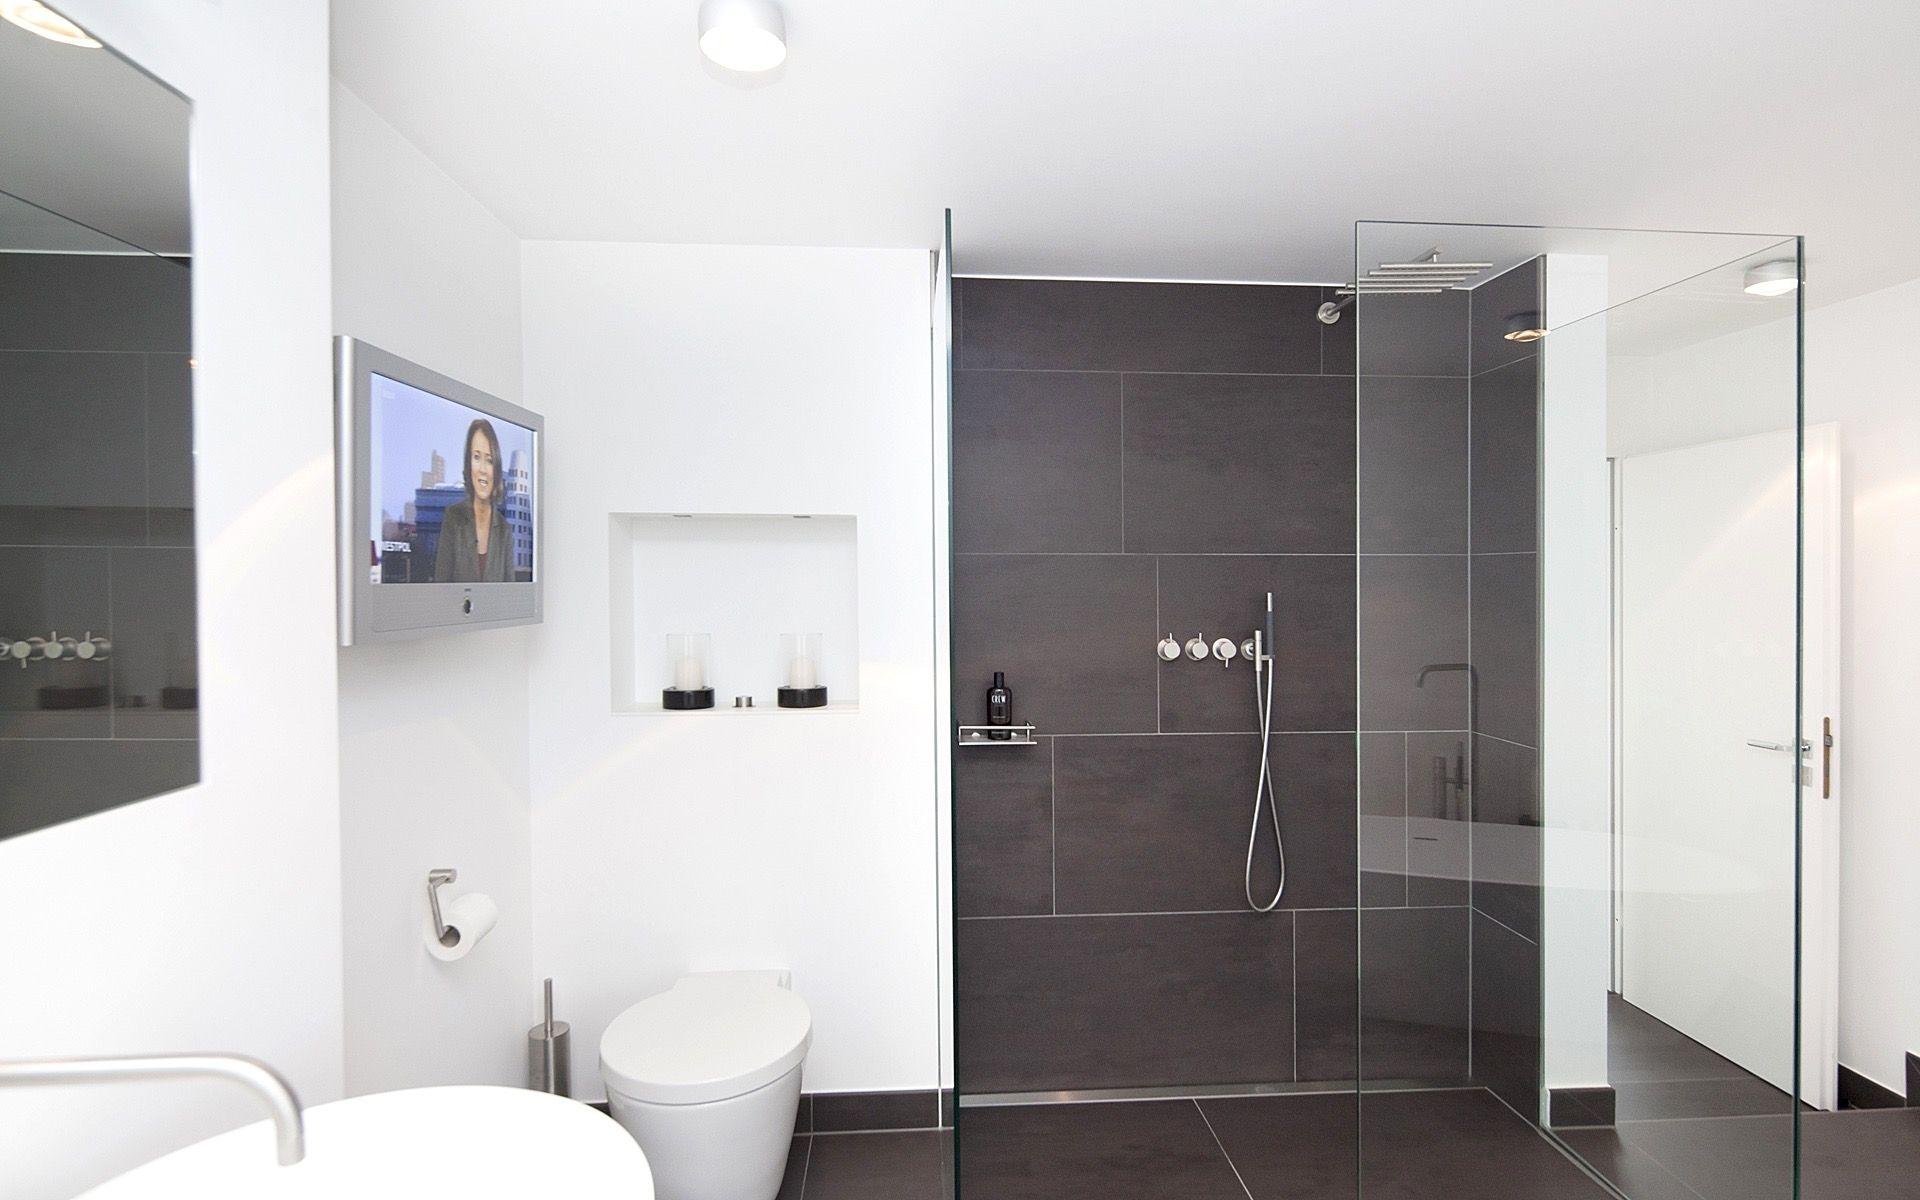 Badezimmer design weiß badezimmer deko grau weiß  tamara  pinterest